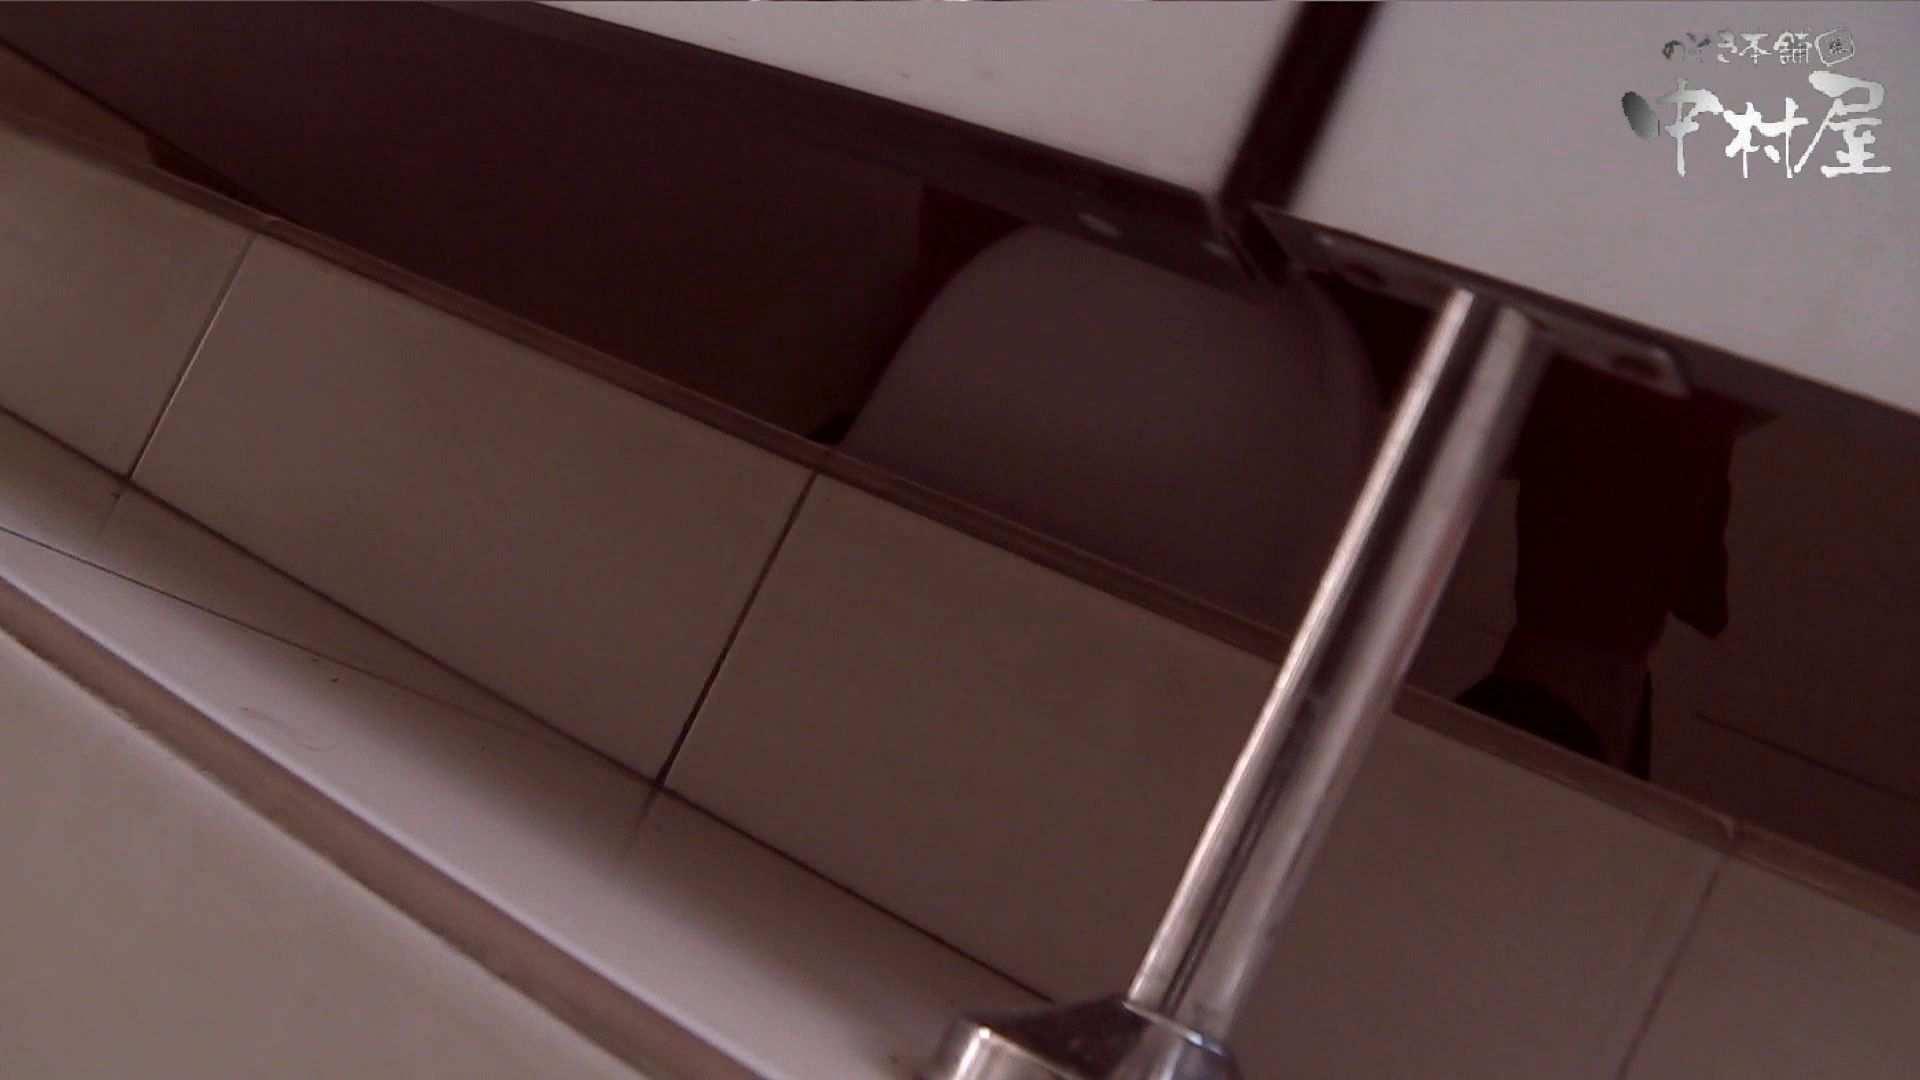 【世界の射窓から】世界の射窓から vol.4後編 OLエロ画像   洗面所  77PICs 69